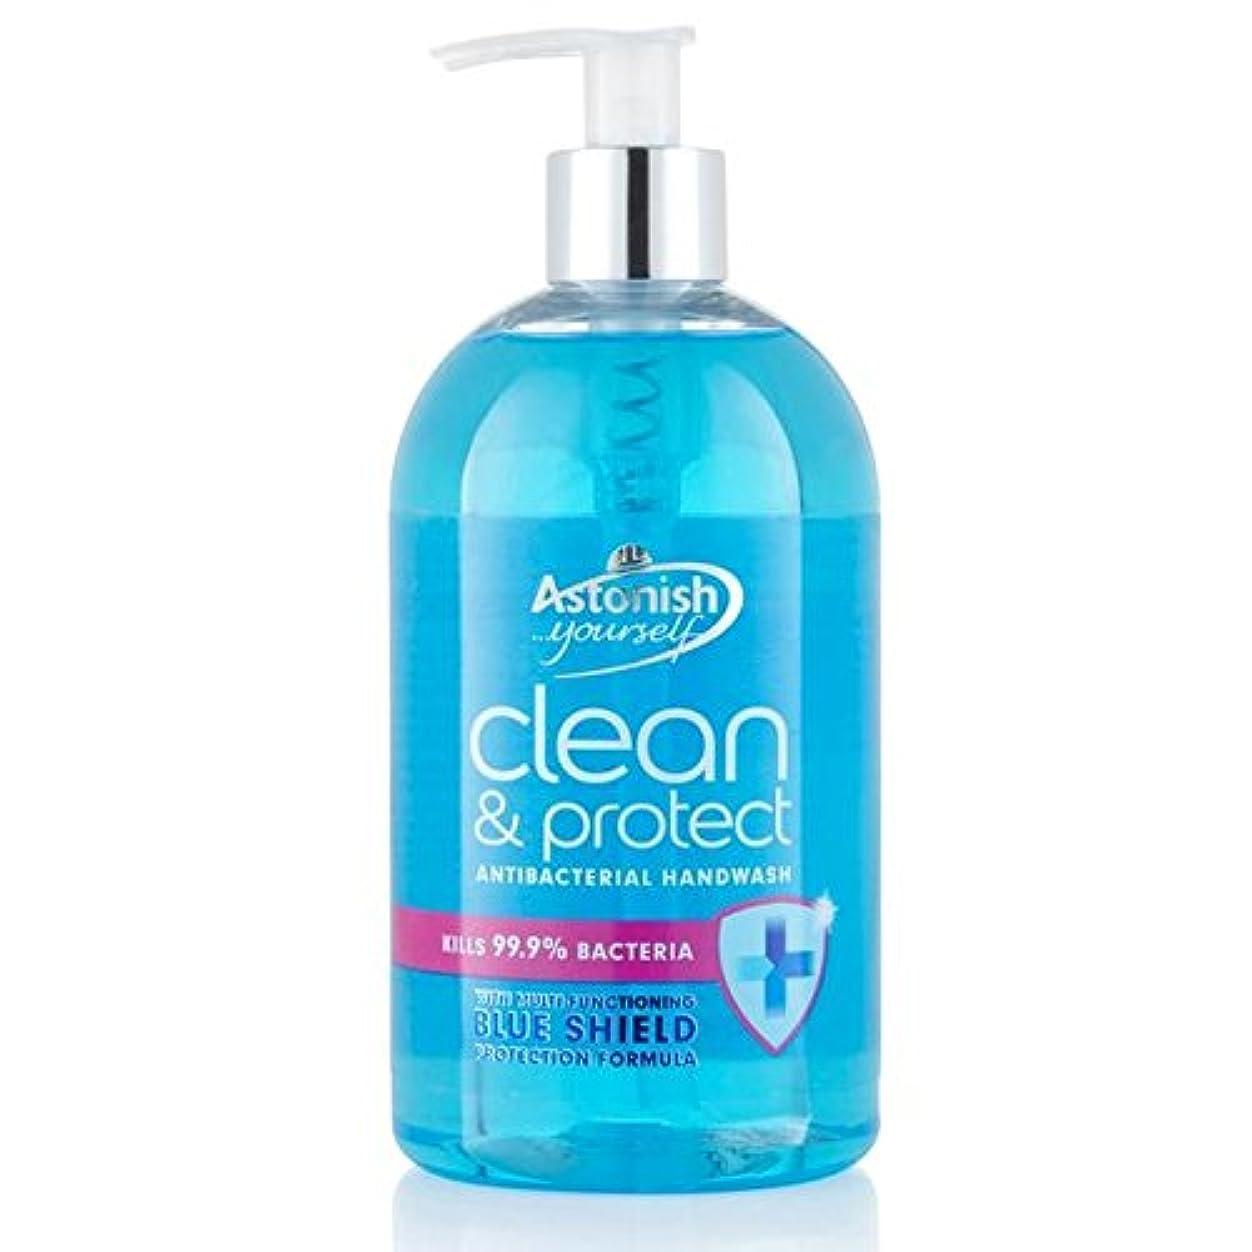 団結する悪性実現可能Astonish Clean & Protect Hand Wash 500ml - クリーン驚か&ハンドウォッシュ500ミリリットルを保護 [並行輸入品]